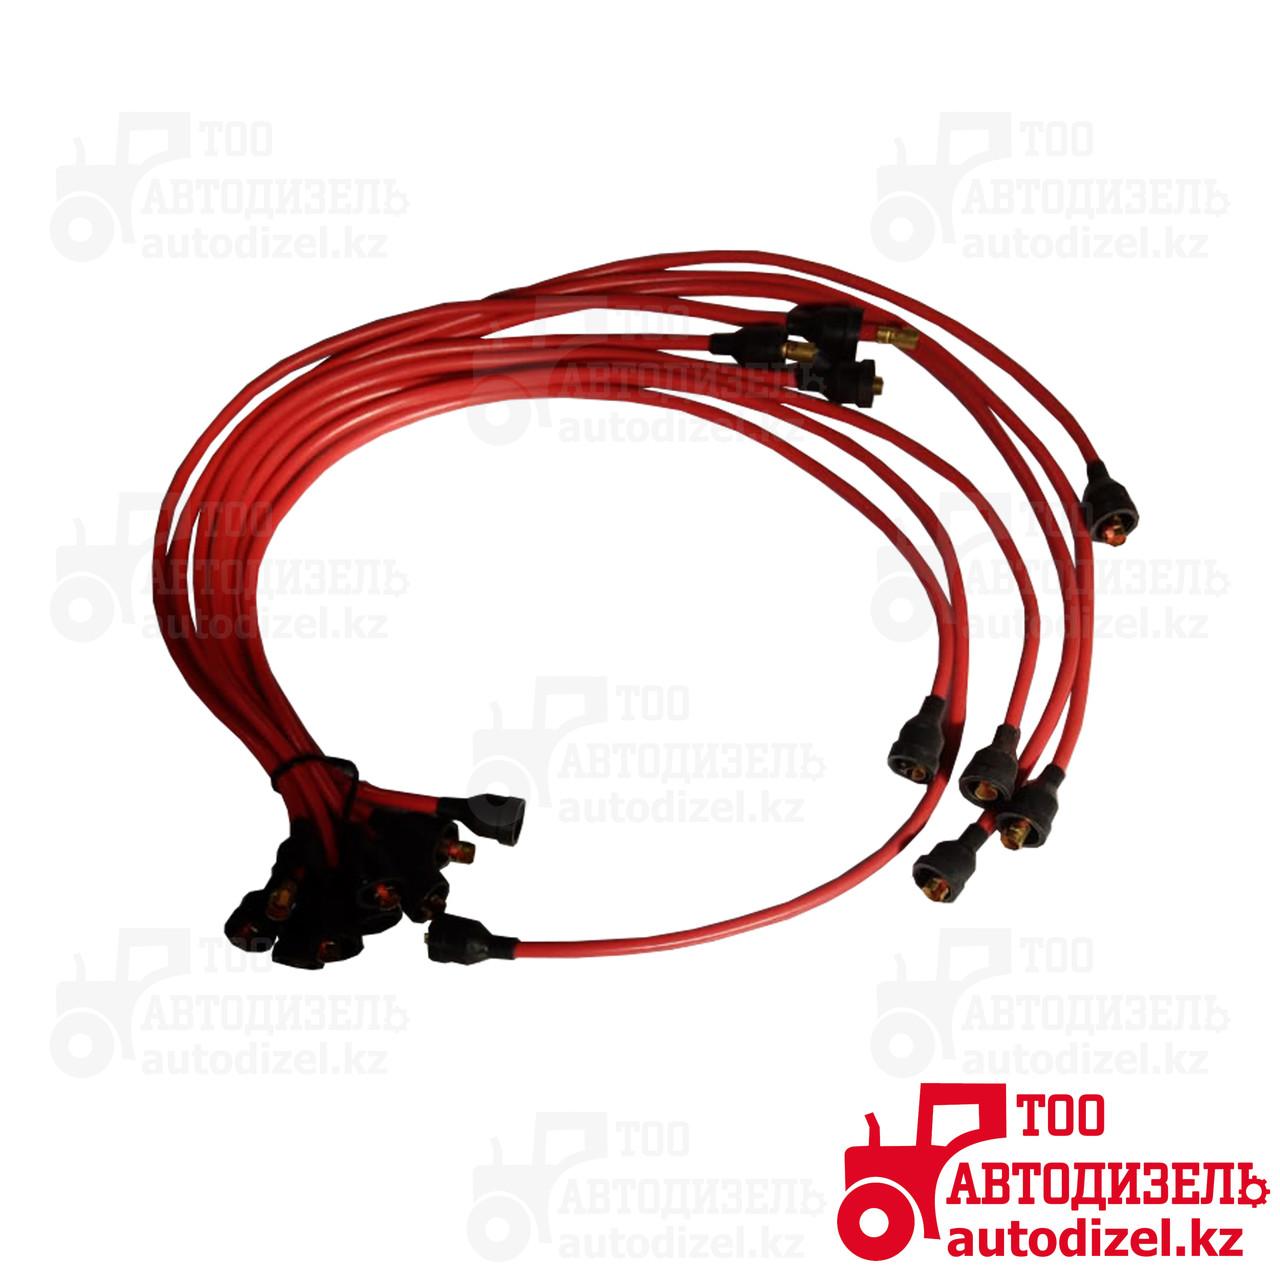 Провода высоковольтные ГАЗ-53 стандарт (медь) 16253